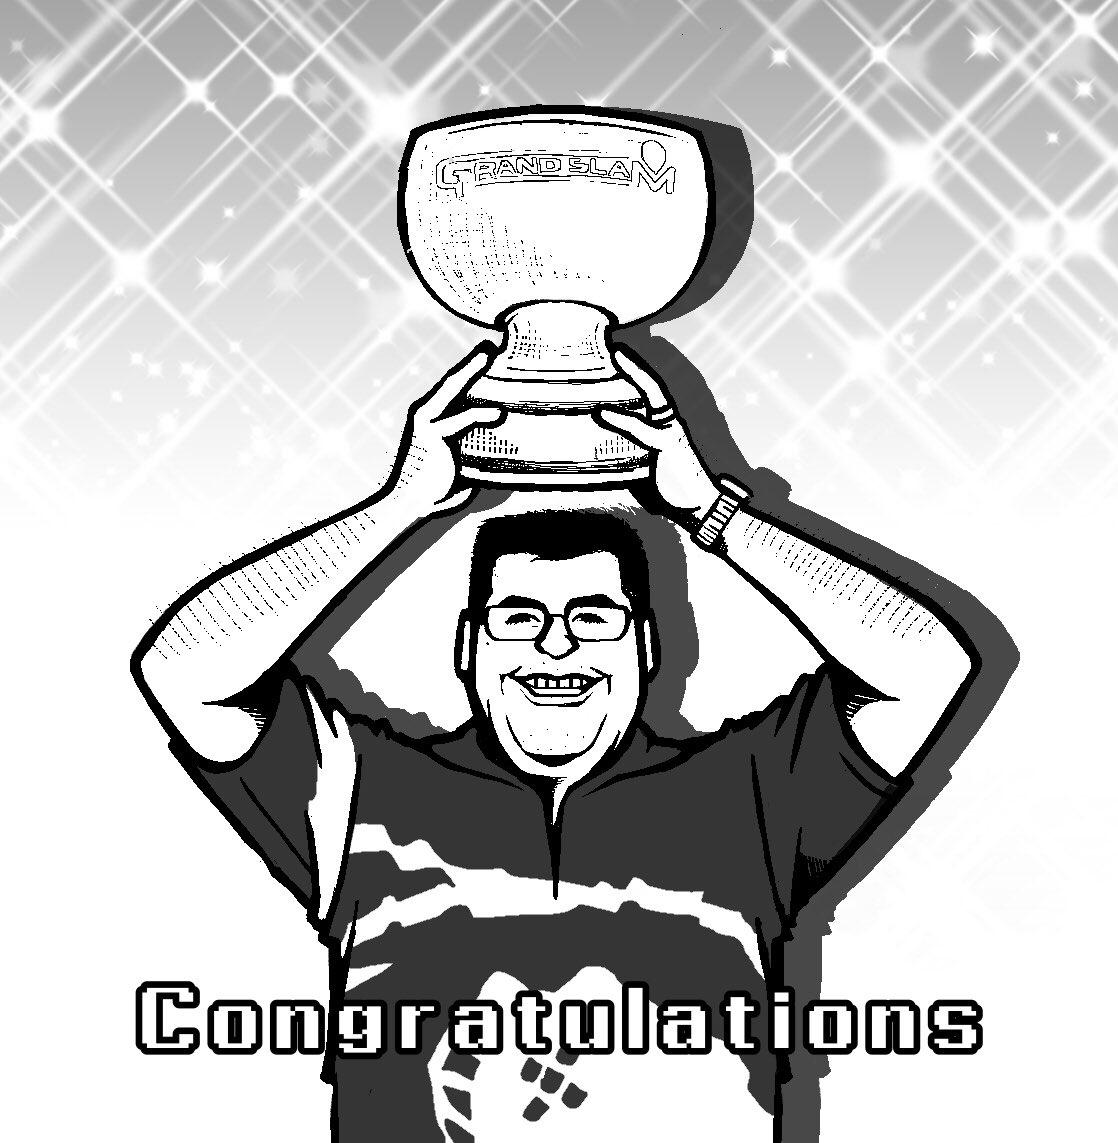 2020 BoyleSports Grand Slam of Dartsで優勝されたJose De Sousa(@JoseDeSousa180 )選手を描いてみました😊 (すみません、あんまり似てません💦)  🏆優勝おめでとうございます🏆  #JoseDeSousa #TRINIDAD #darts  #PDC #海外選手は難しい #イラスト https://t.co/OMgnvWb55v